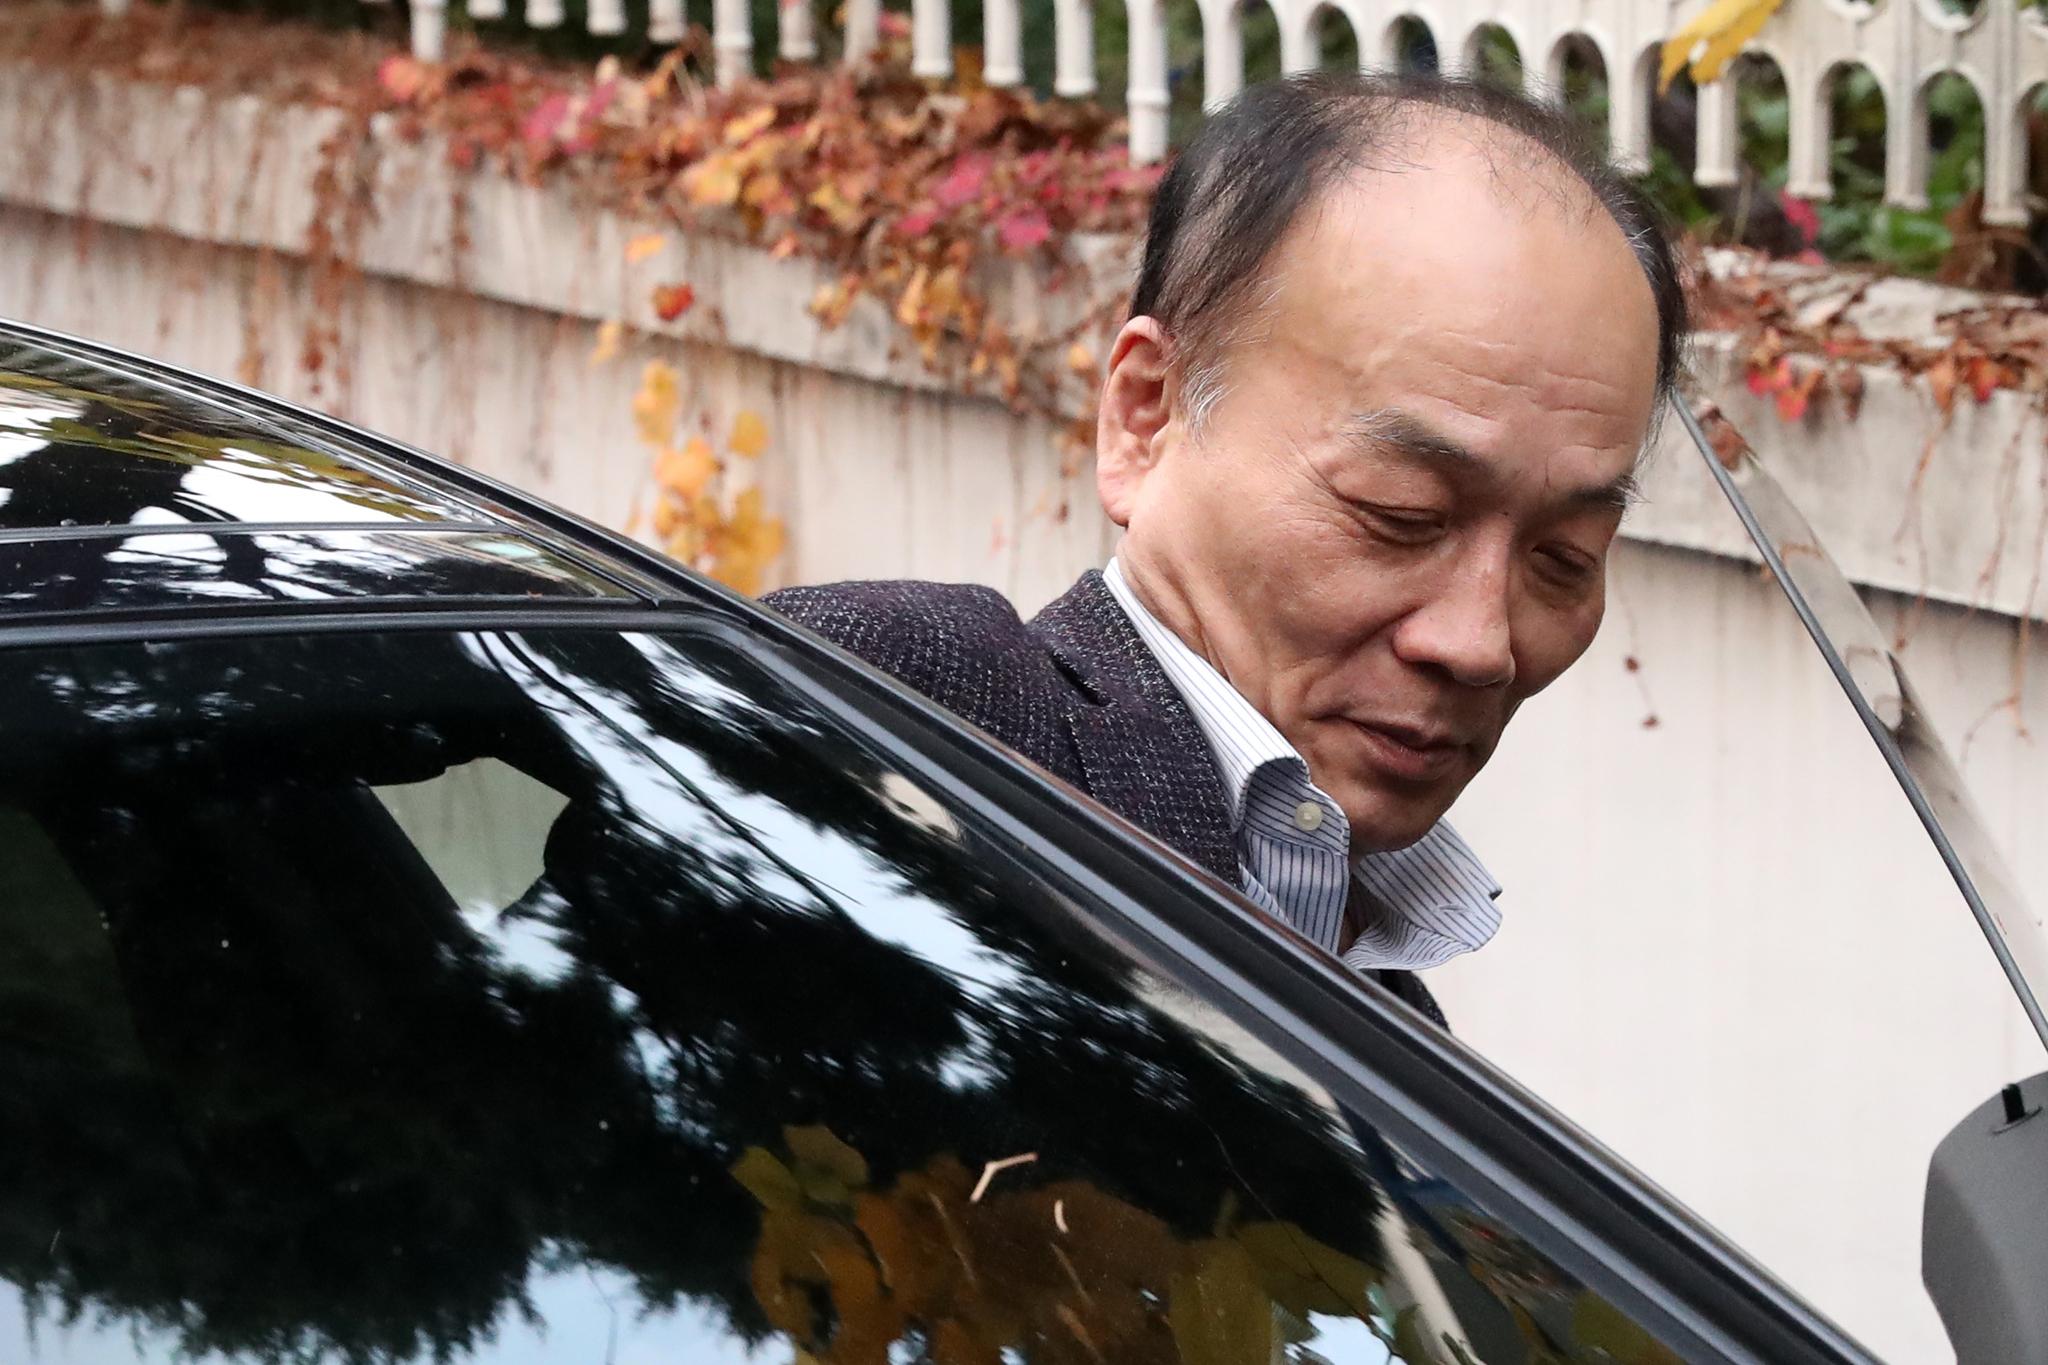 전원책 변호사가 9일 서울 동교동 자택 앞에서 입장발표를 마친 뒤 차량에 오르고 있다. [뉴스1]